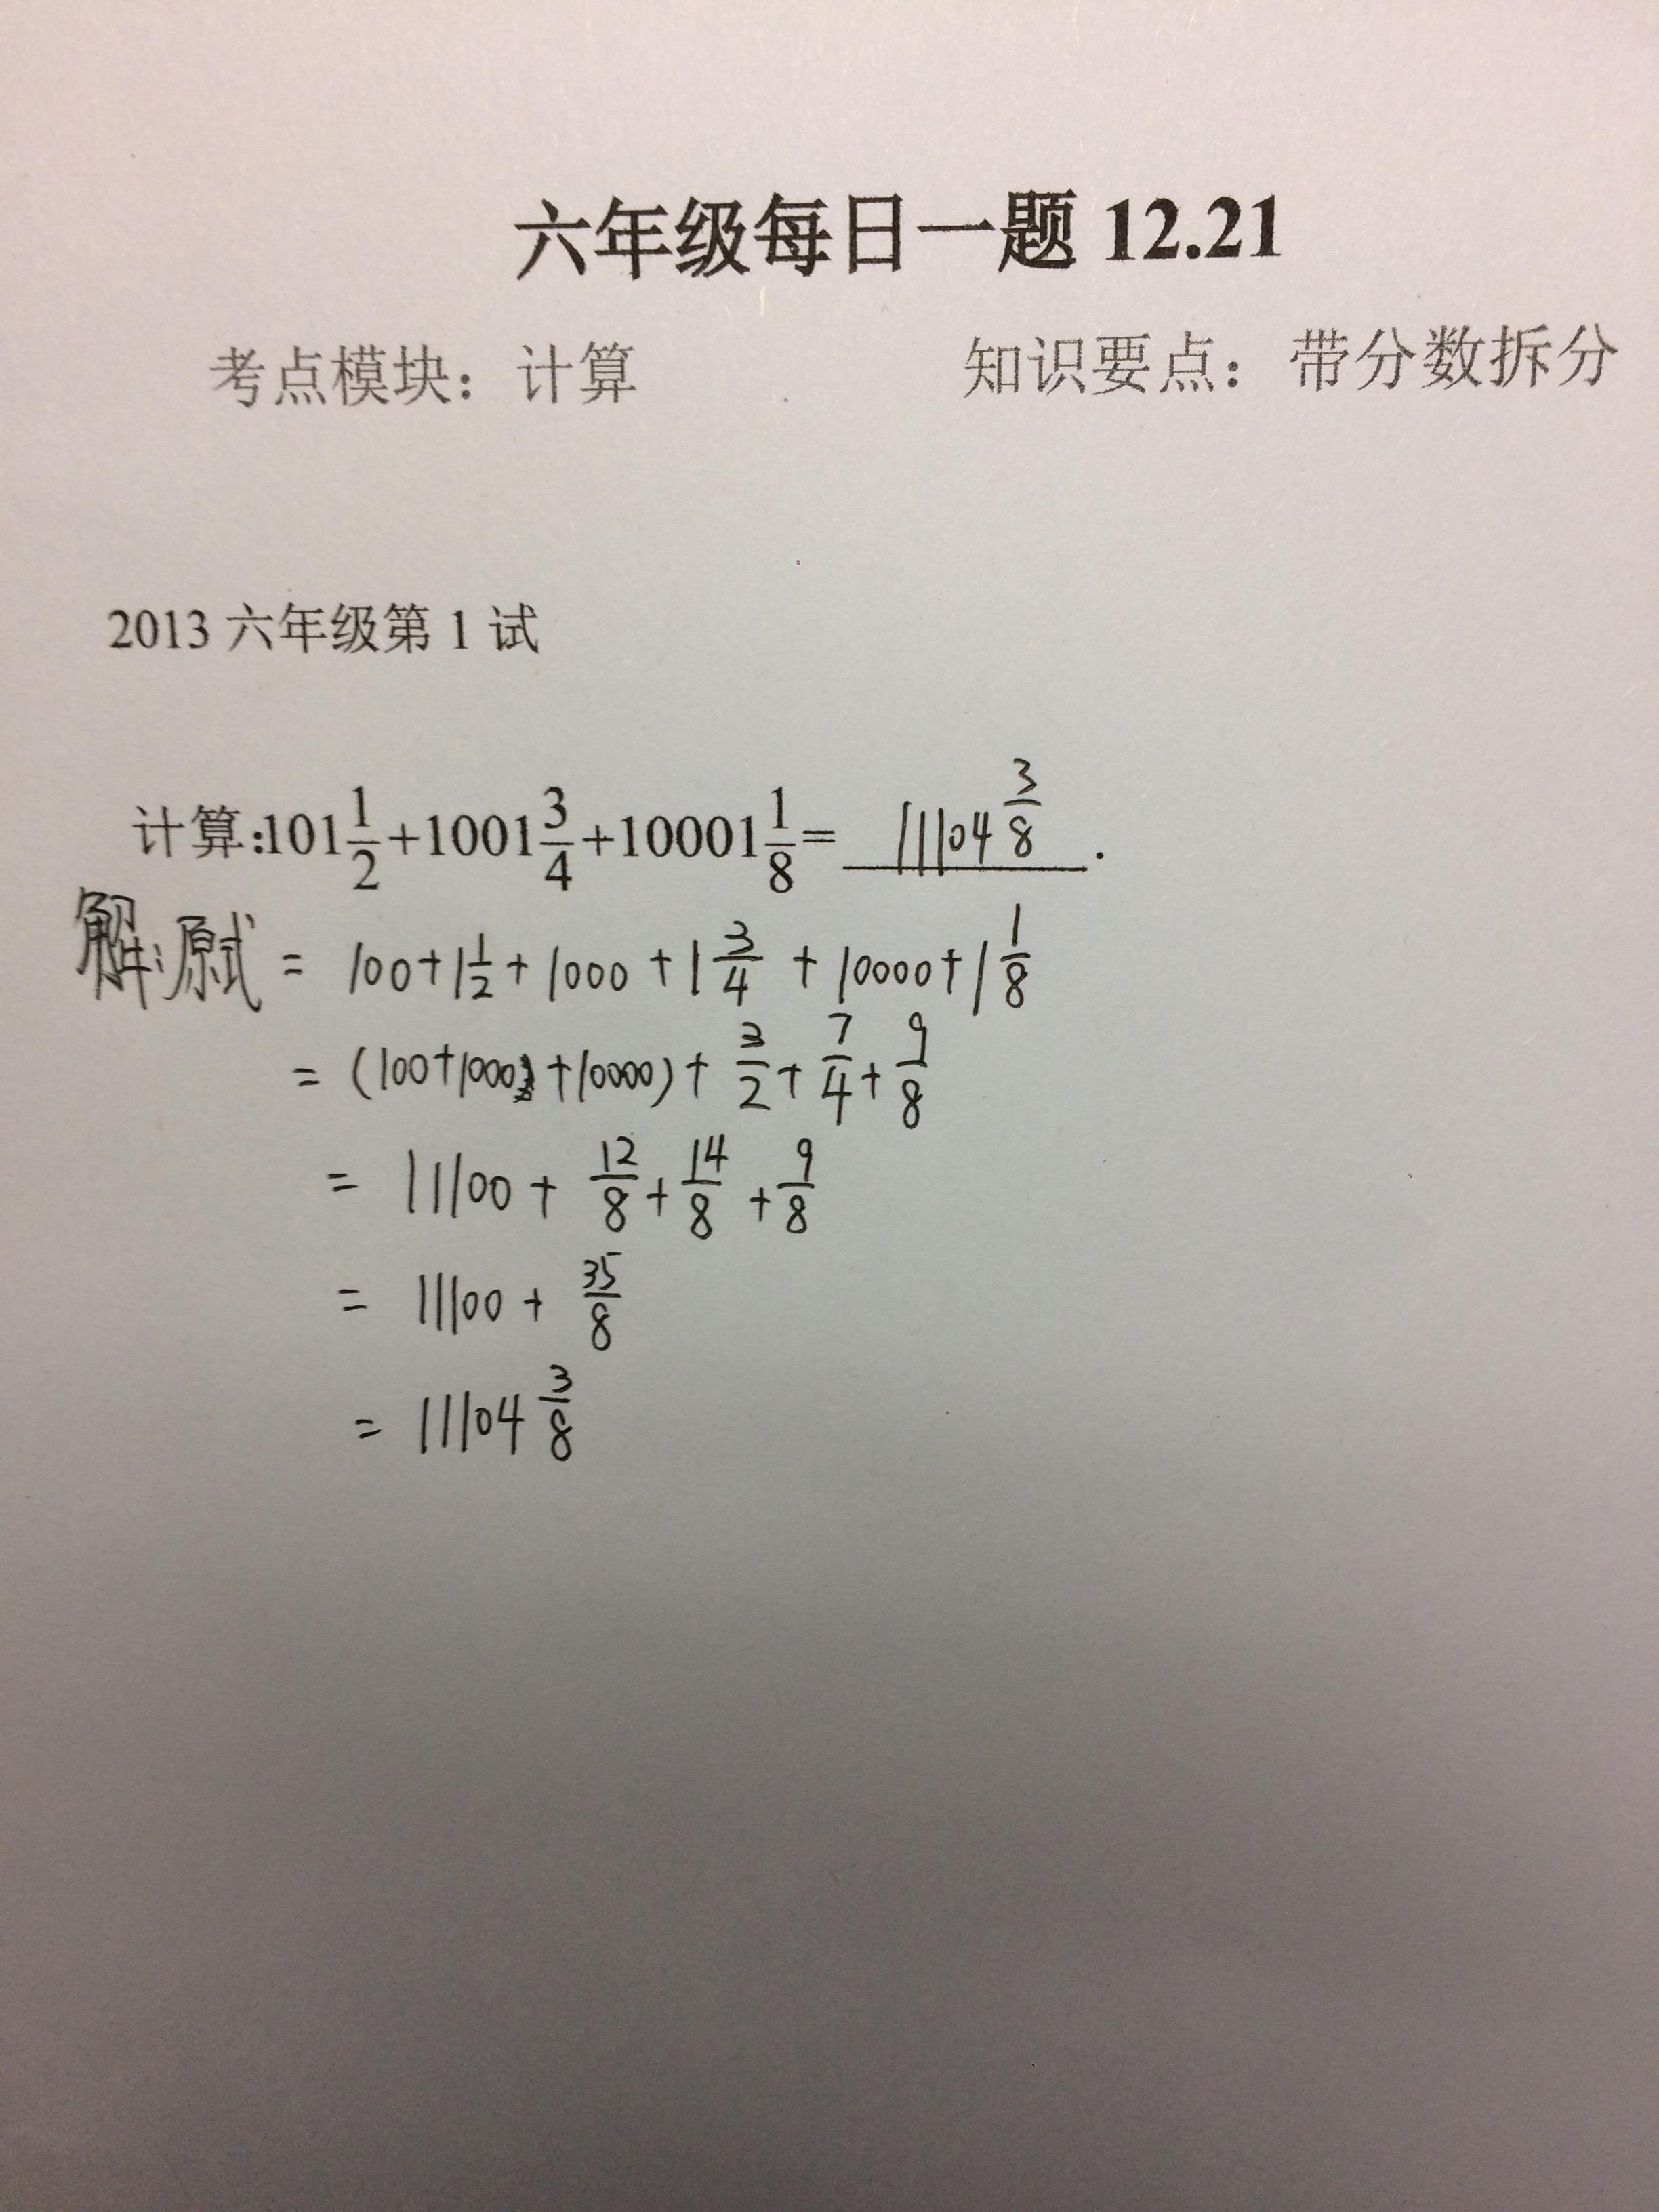 A9C2ACAE-428D-4EFA-B8D3-4FA47A14CDF6.jpg